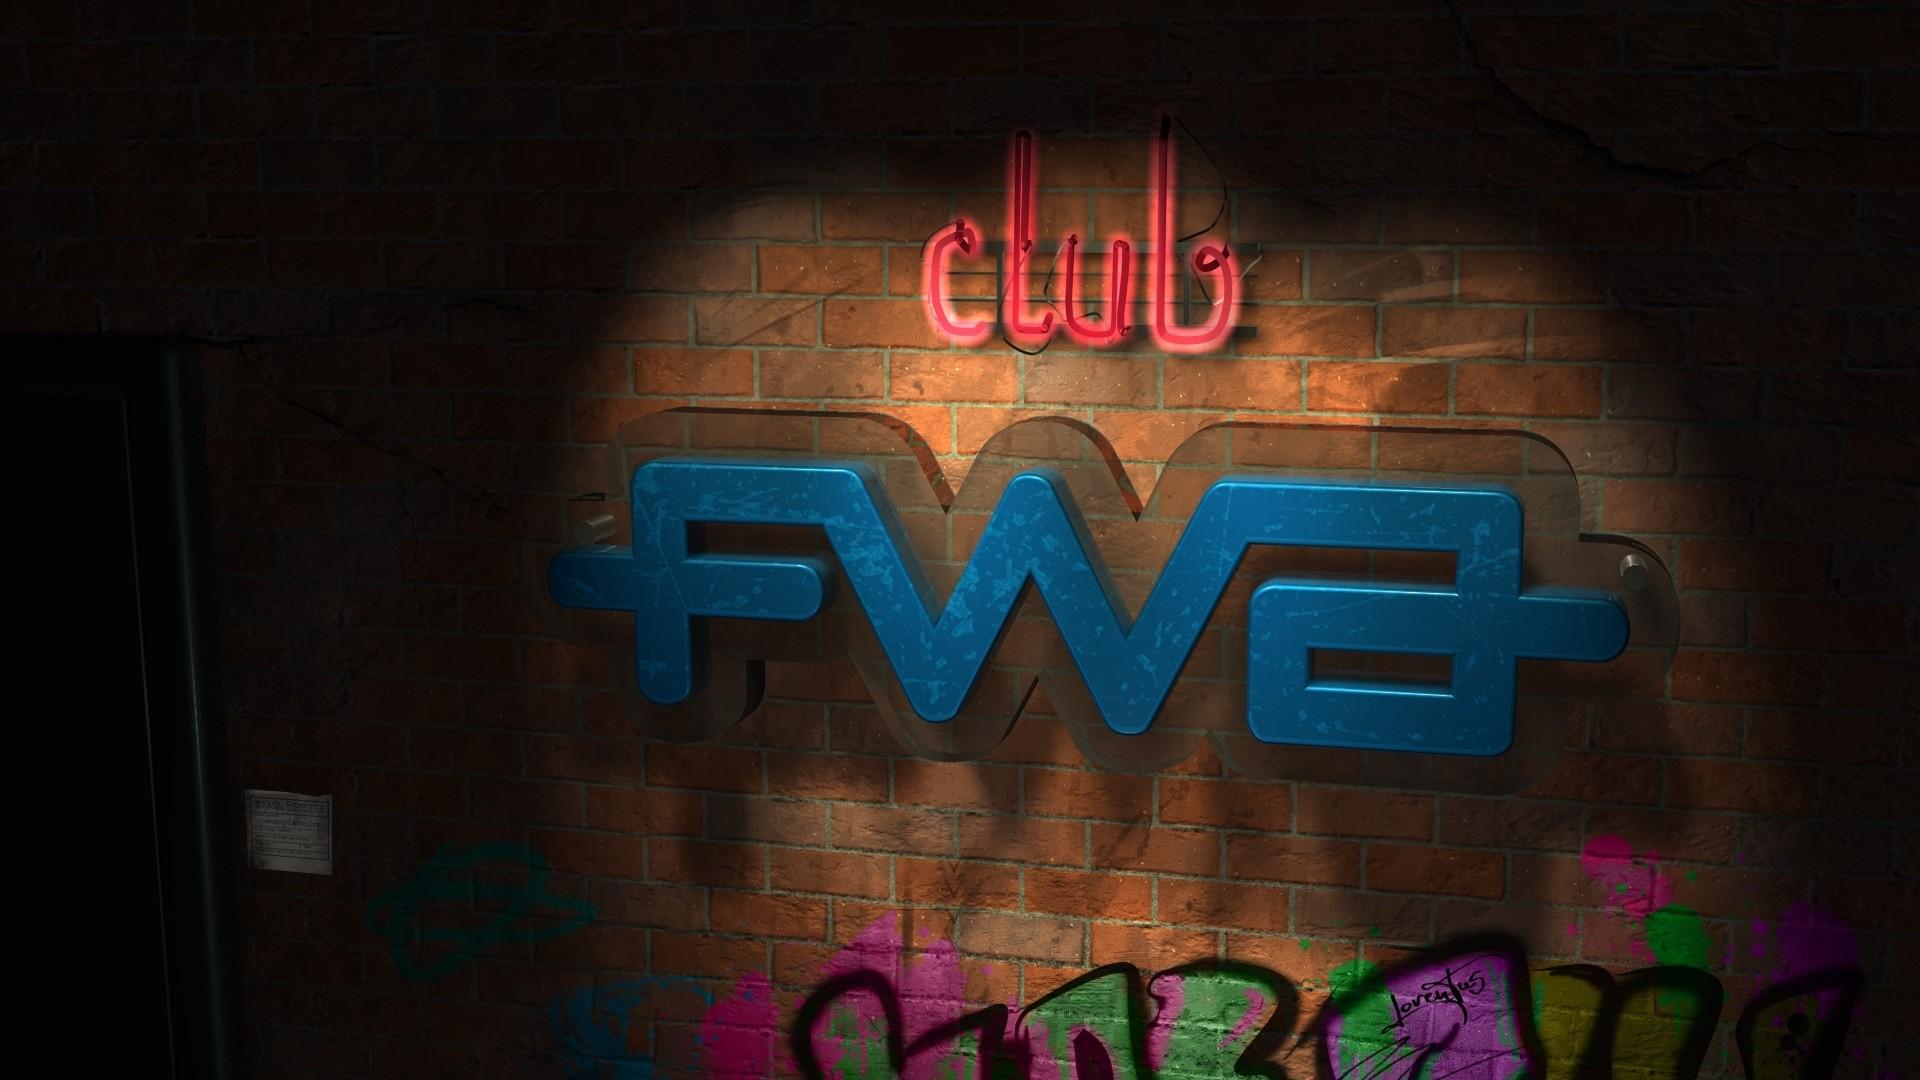 Wallpaper fwa, club, black, color, sign, graffiti